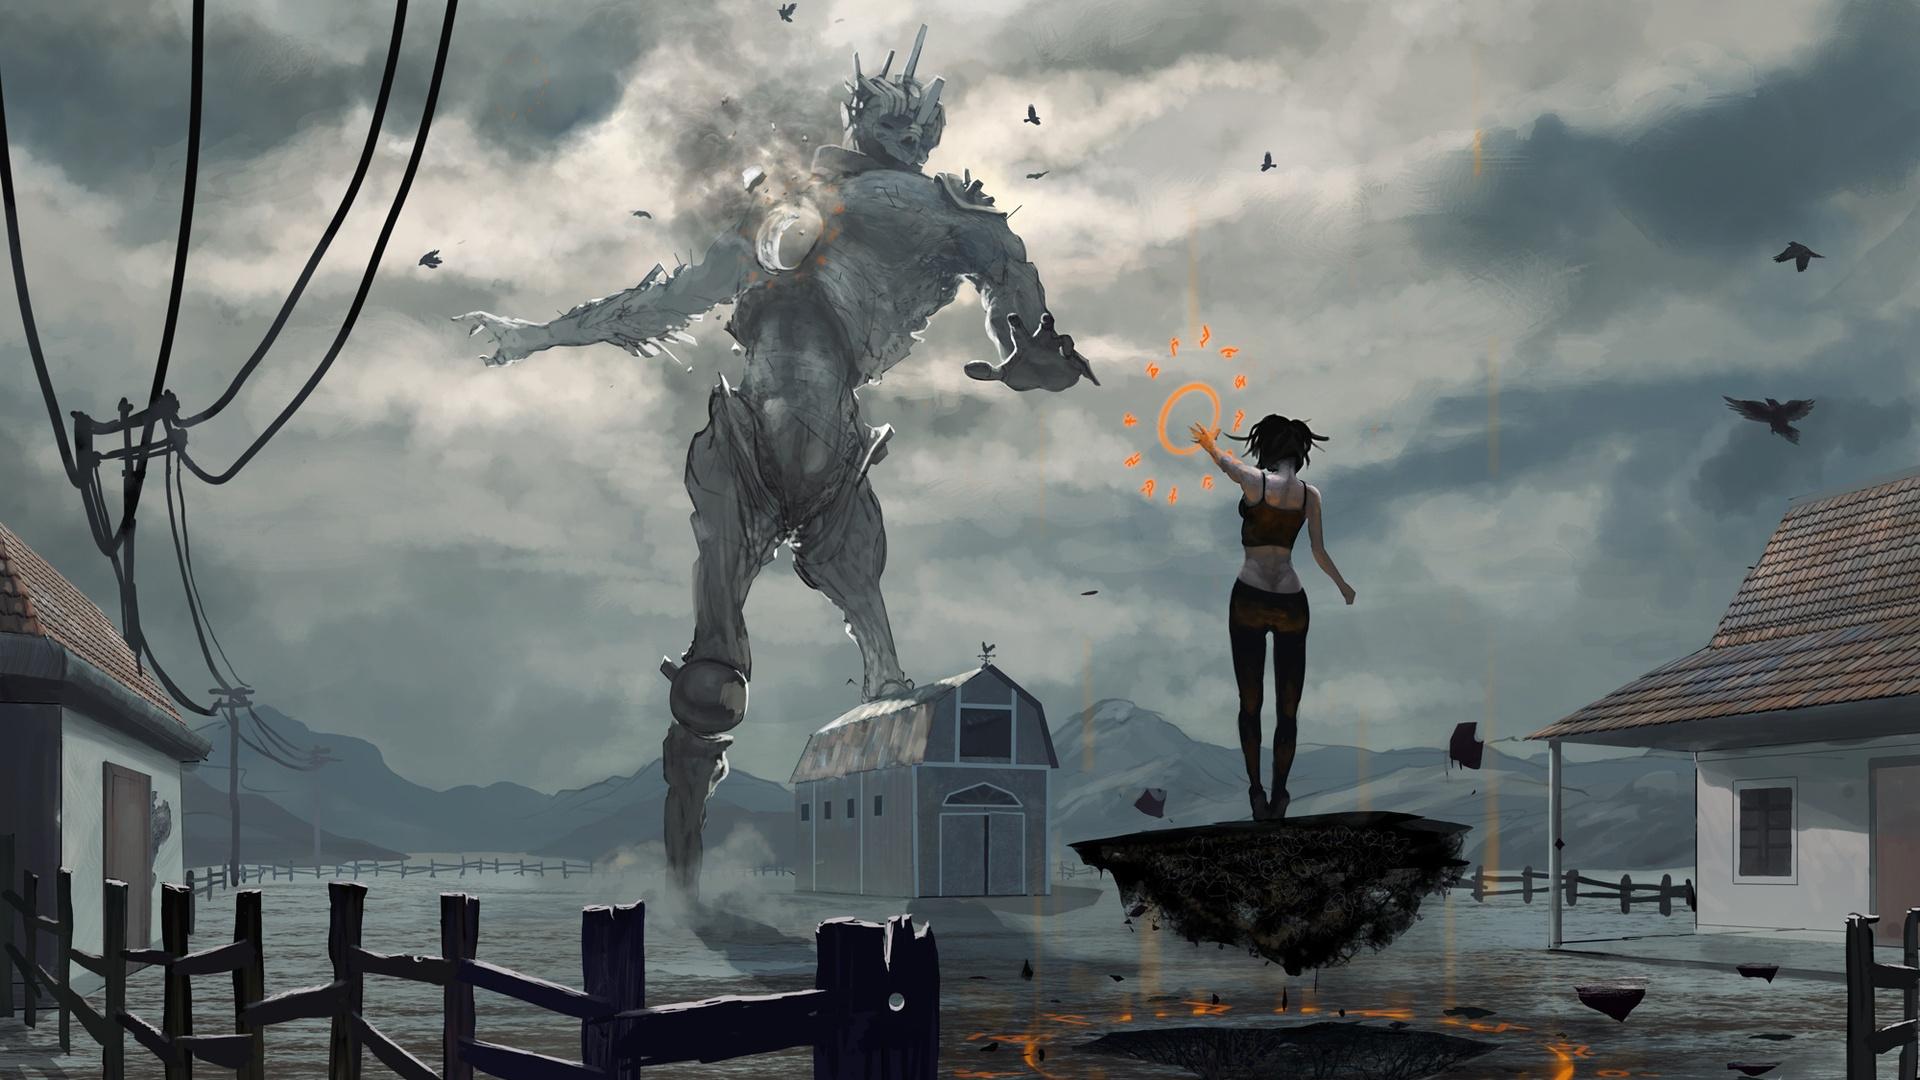 Giant Art 1080p wallpaper